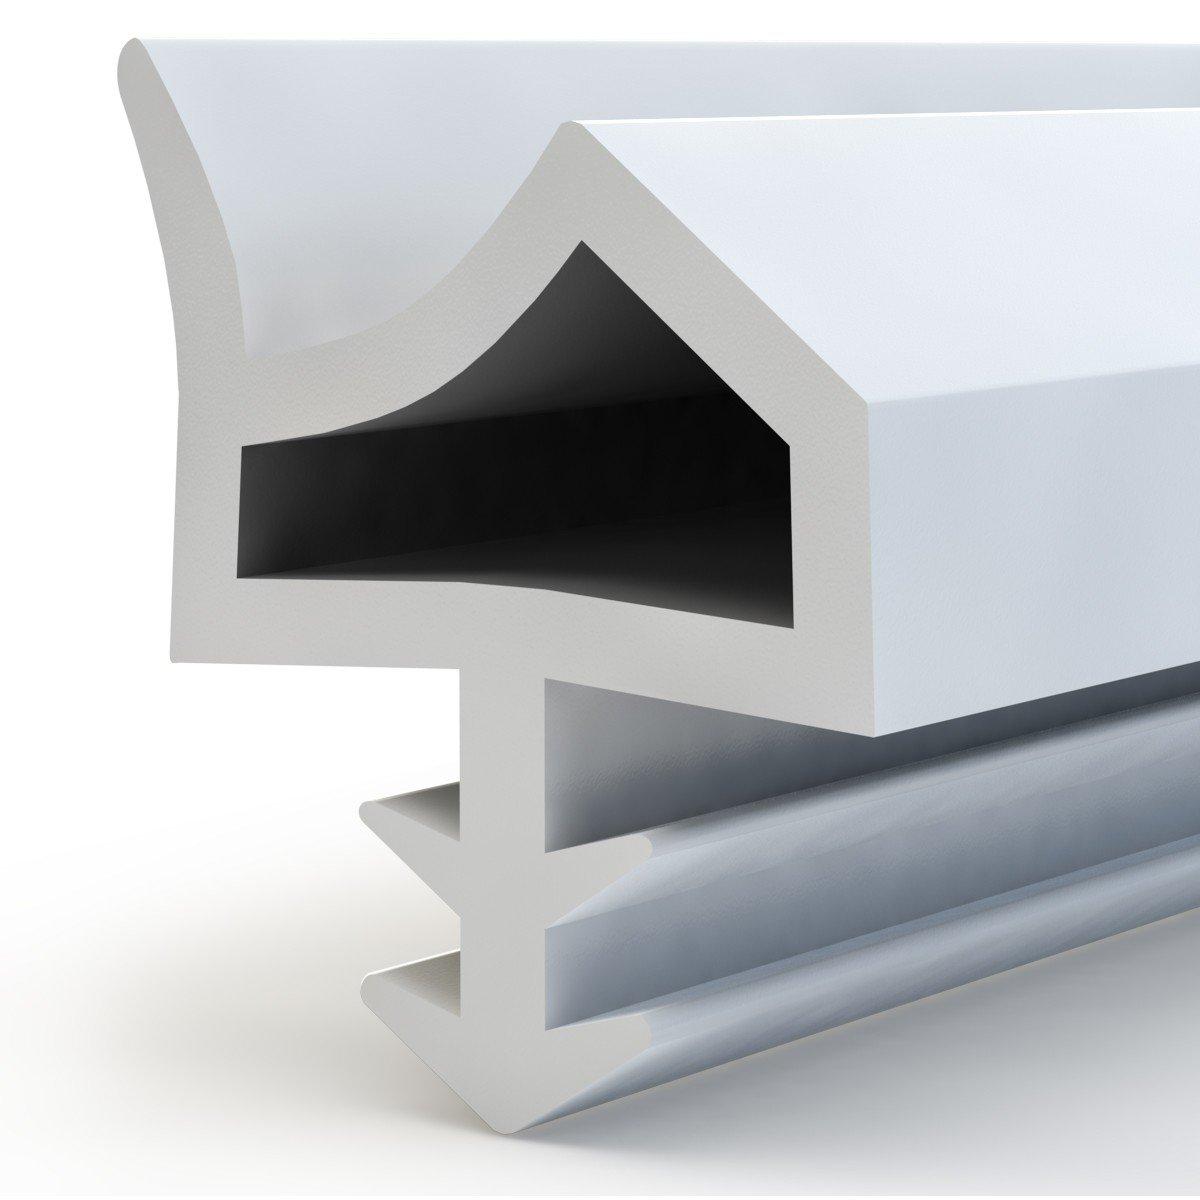 Aluminio STEIGNER Burlete para Puerta y Ventana STD06 10m 12mm Marr/ón Junta de goma Perfil de estanqueidad para ventanas y puertas de PVC Madera